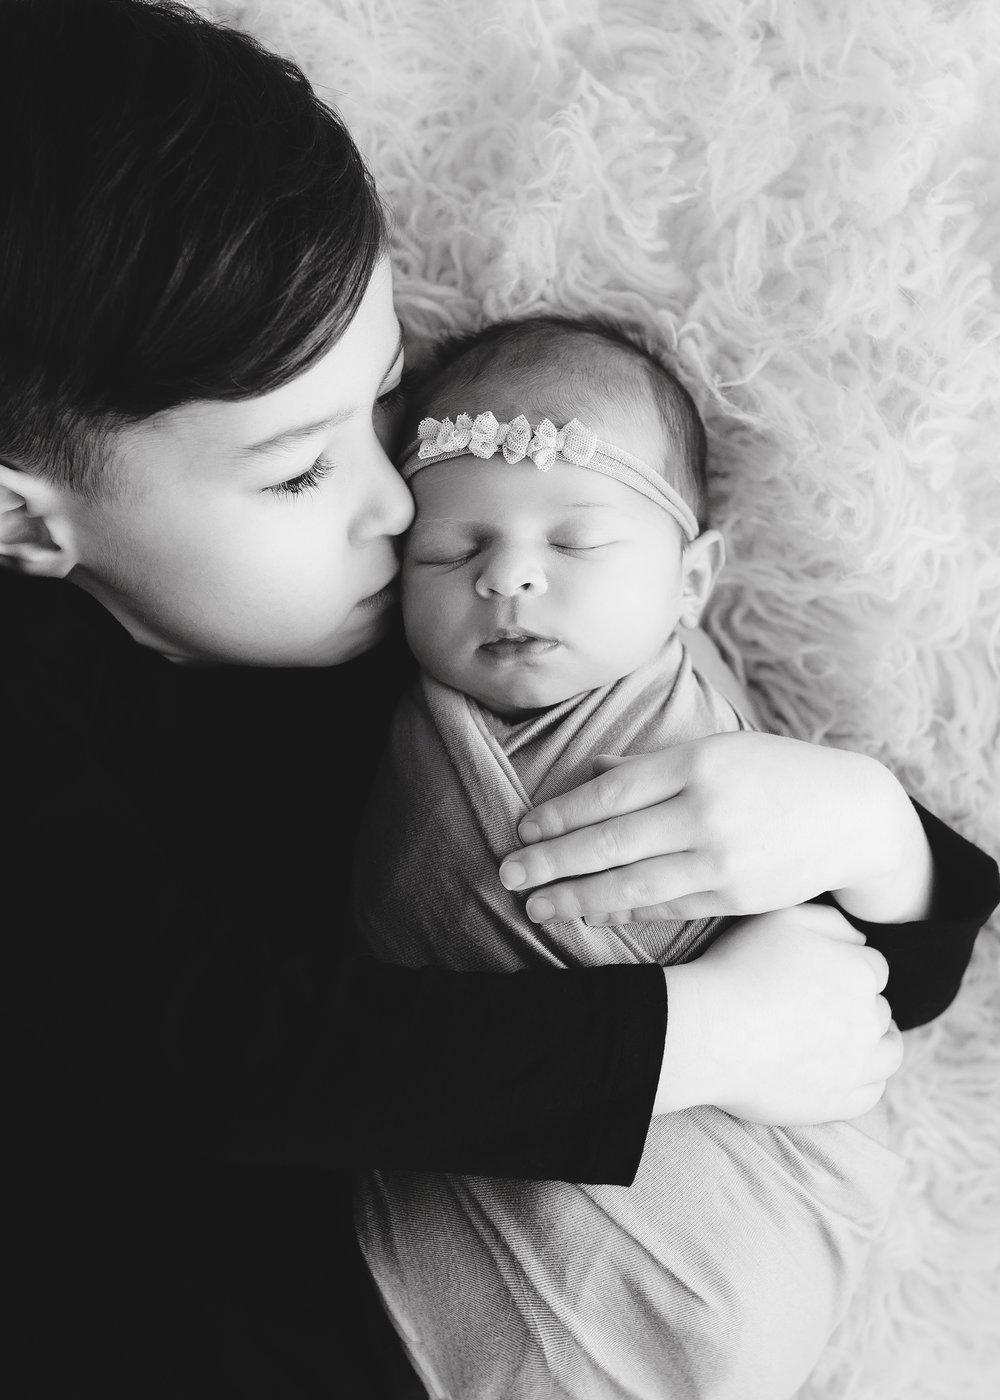 Edmonton Newborn Photographer_Baby Tenleigh 2.jpg